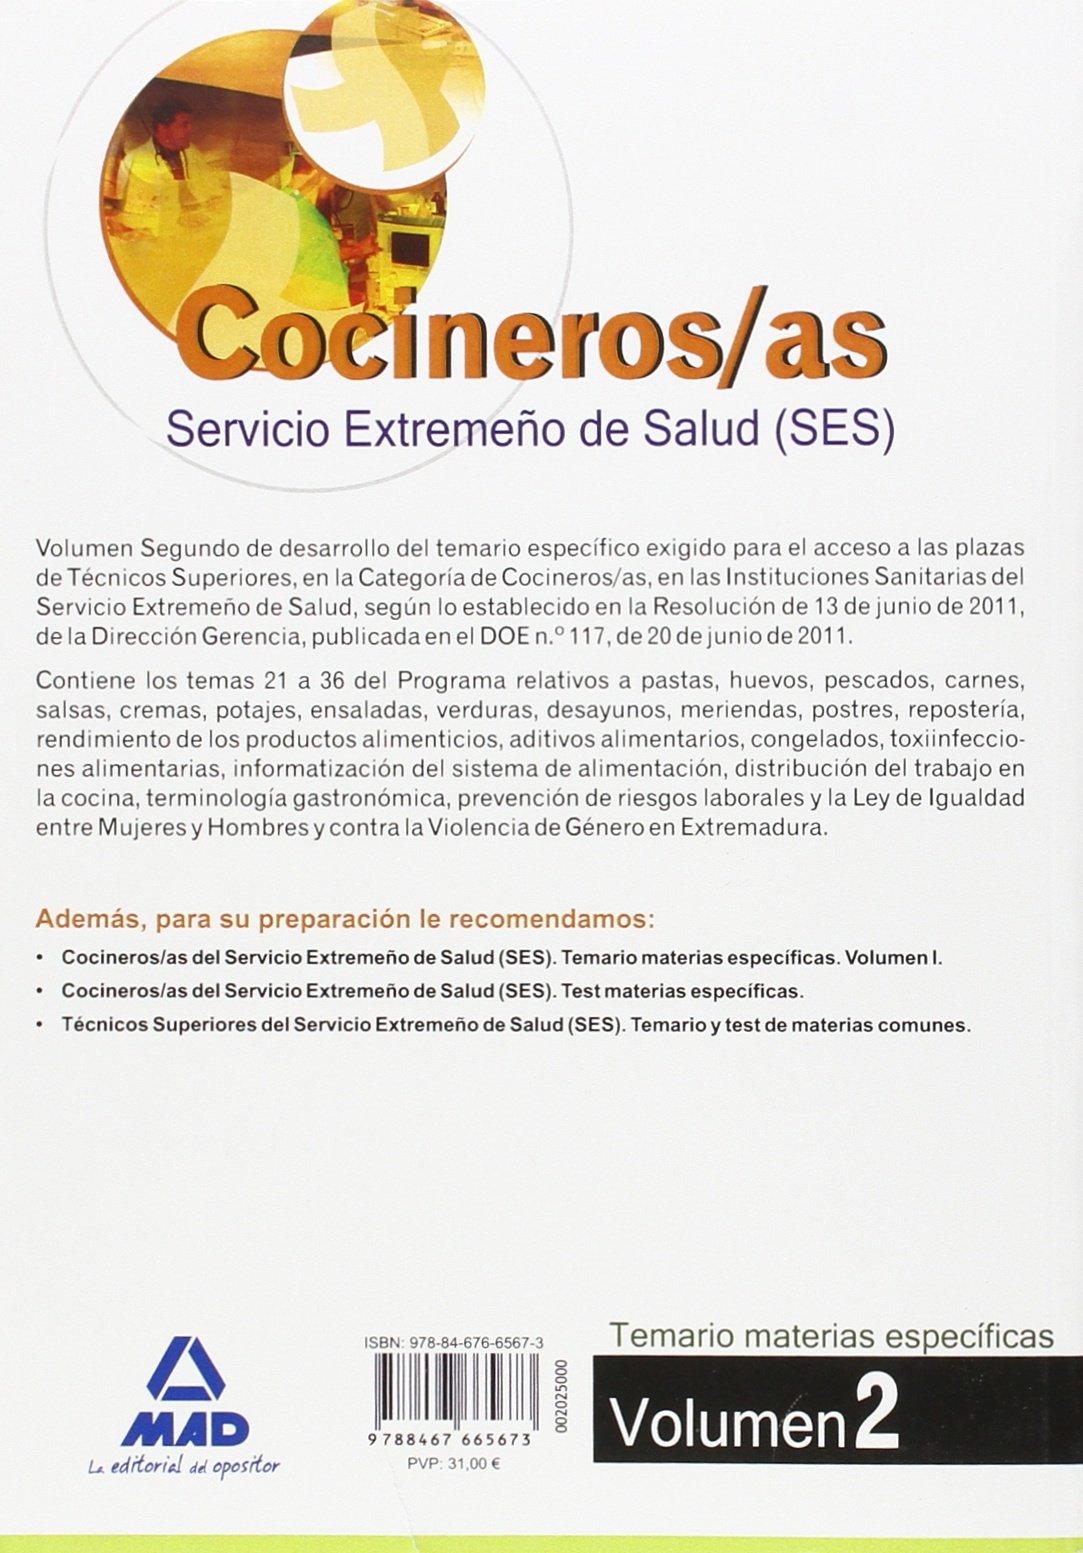 Cocineros del Servicio Extremeño de Salud (S.E.S.). Temario materias específicas volumen II (Spanish Edition): Ana S. Barcena: 9788467665673: Amazon.com: ...